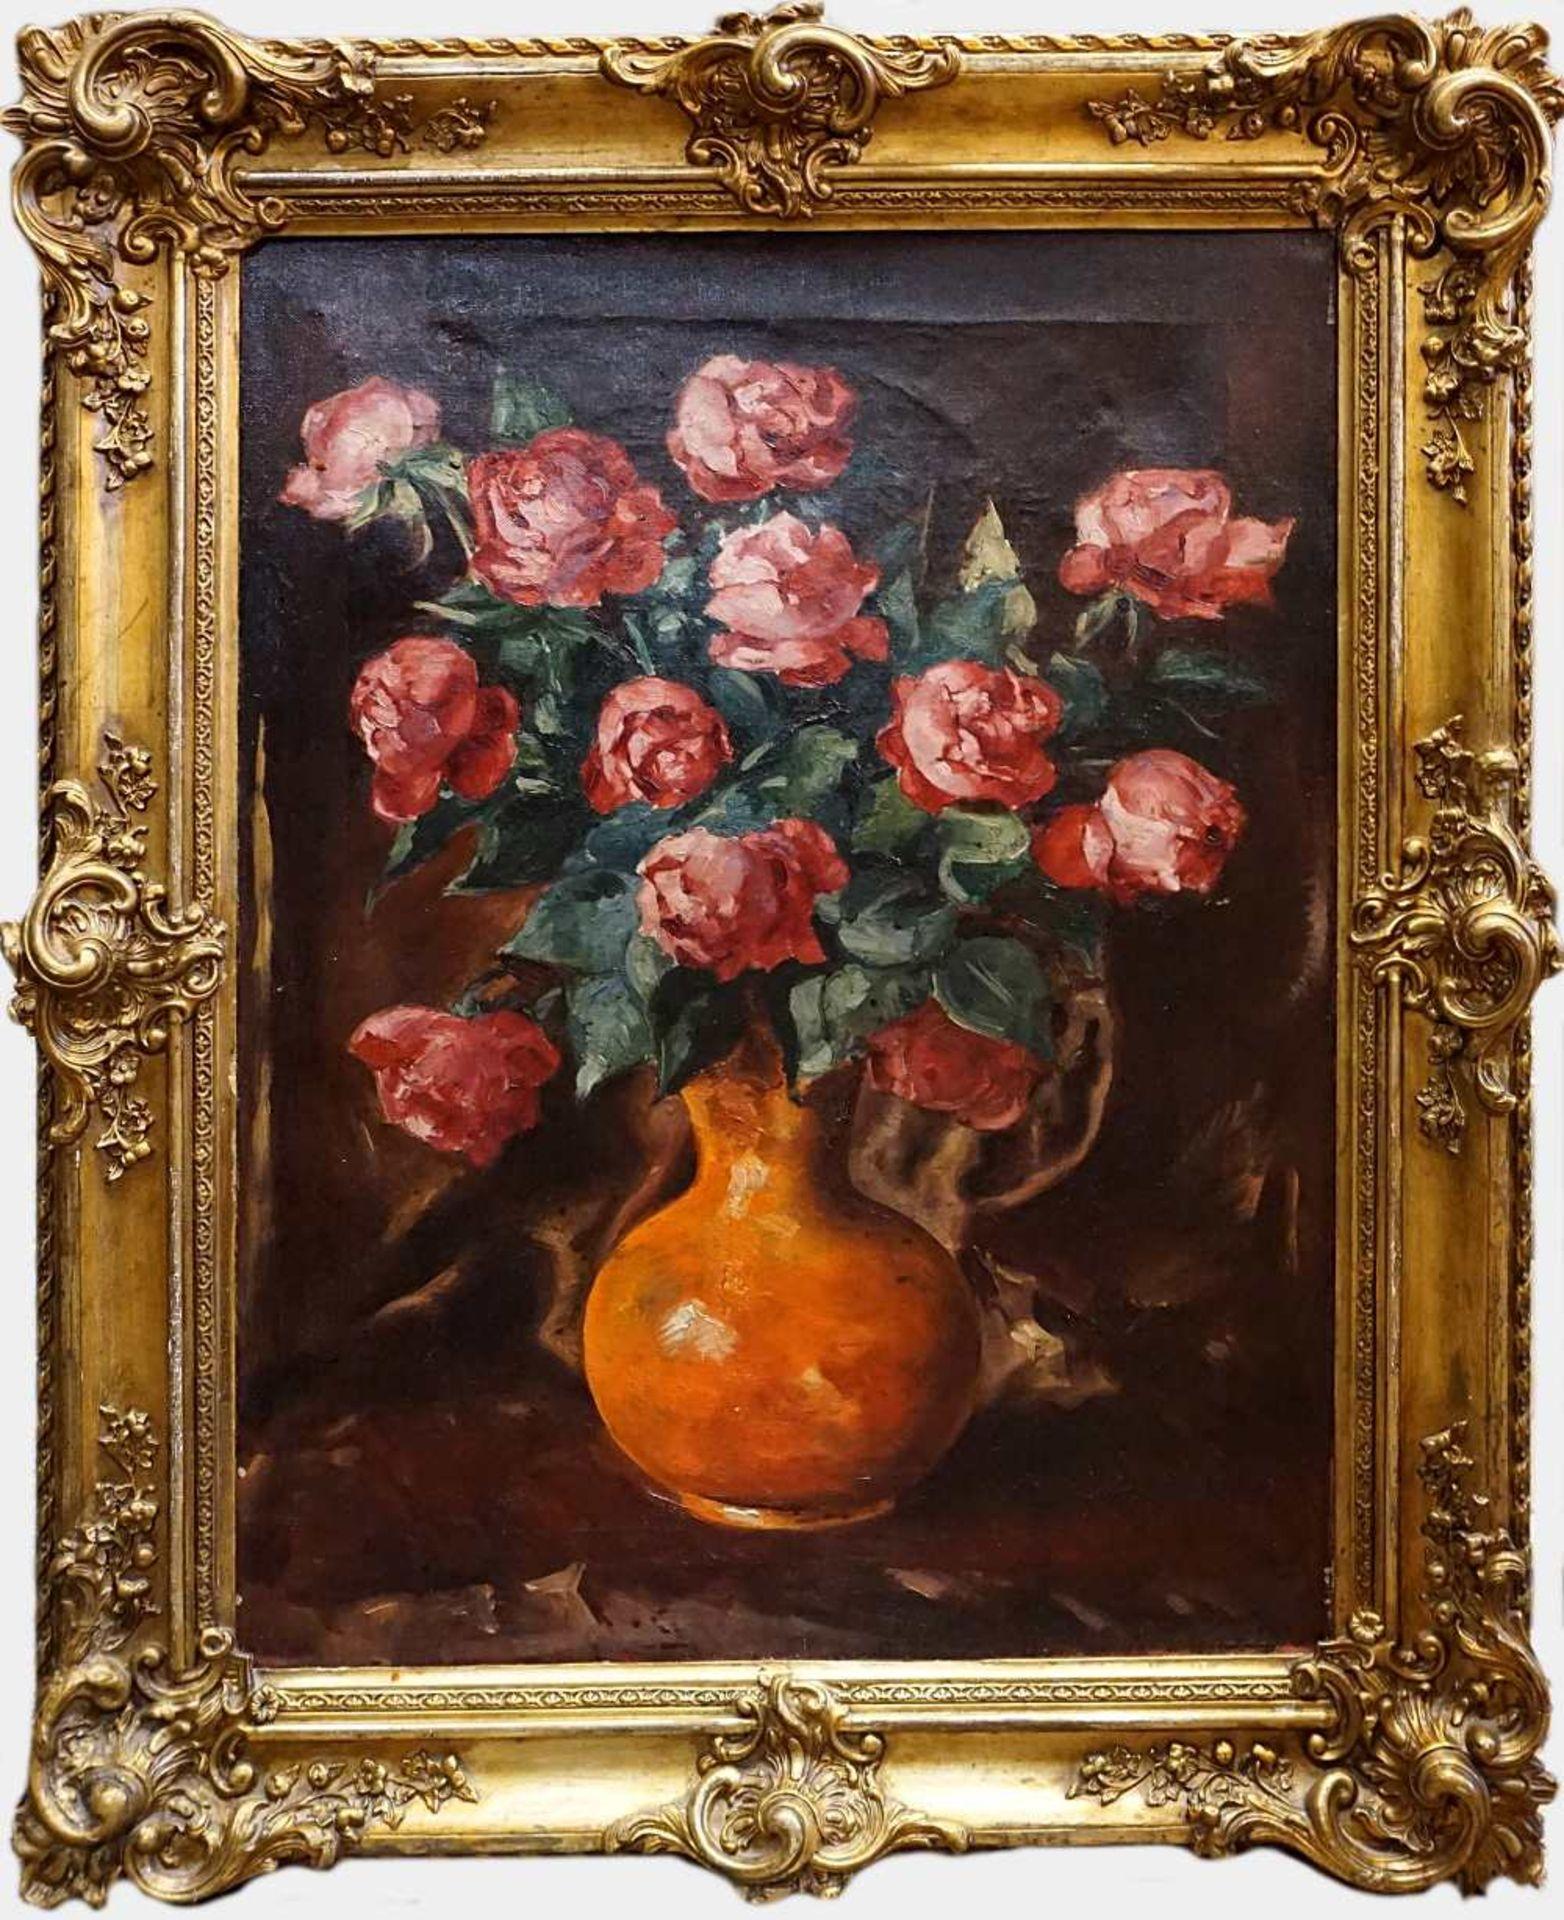 """3 Ölgemälde """"Blumenstillleben"""" z.T. sign. W. JUNCK (wohl 20. Jh.) je Öl/Lwd. ca. 10 - Bild 4 aus 6"""